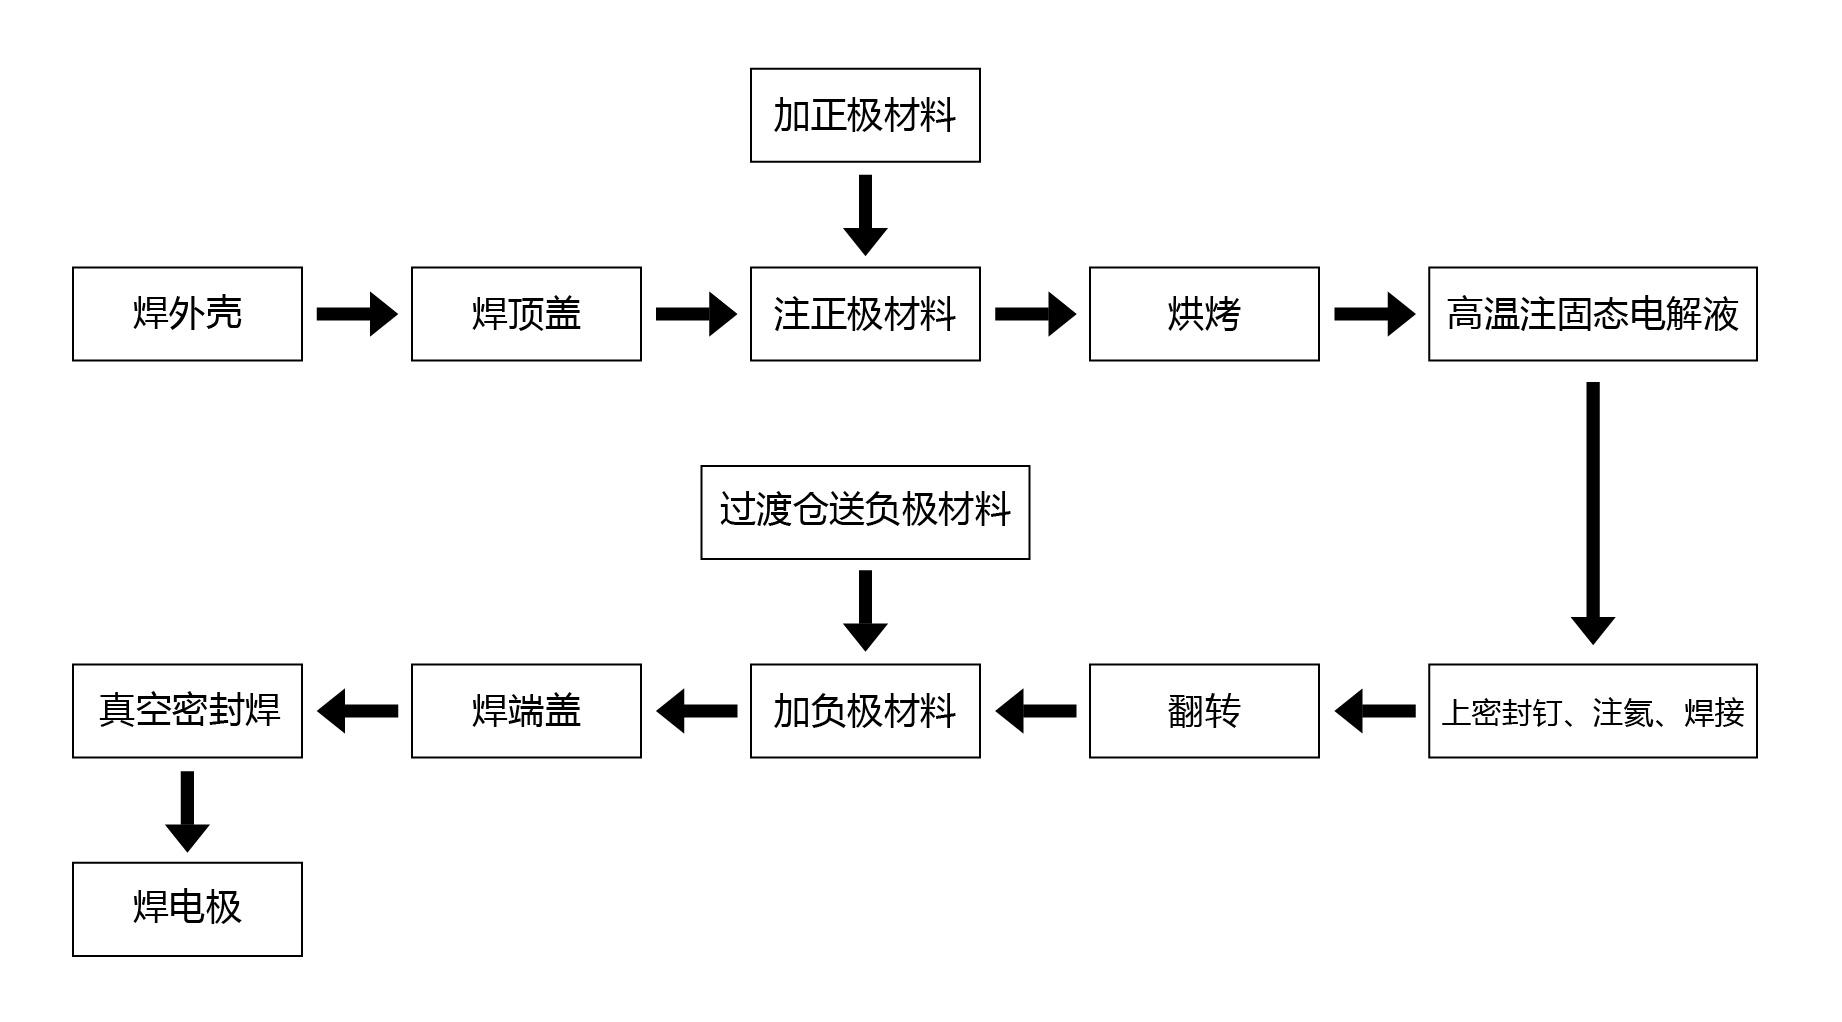 设备工艺流程图